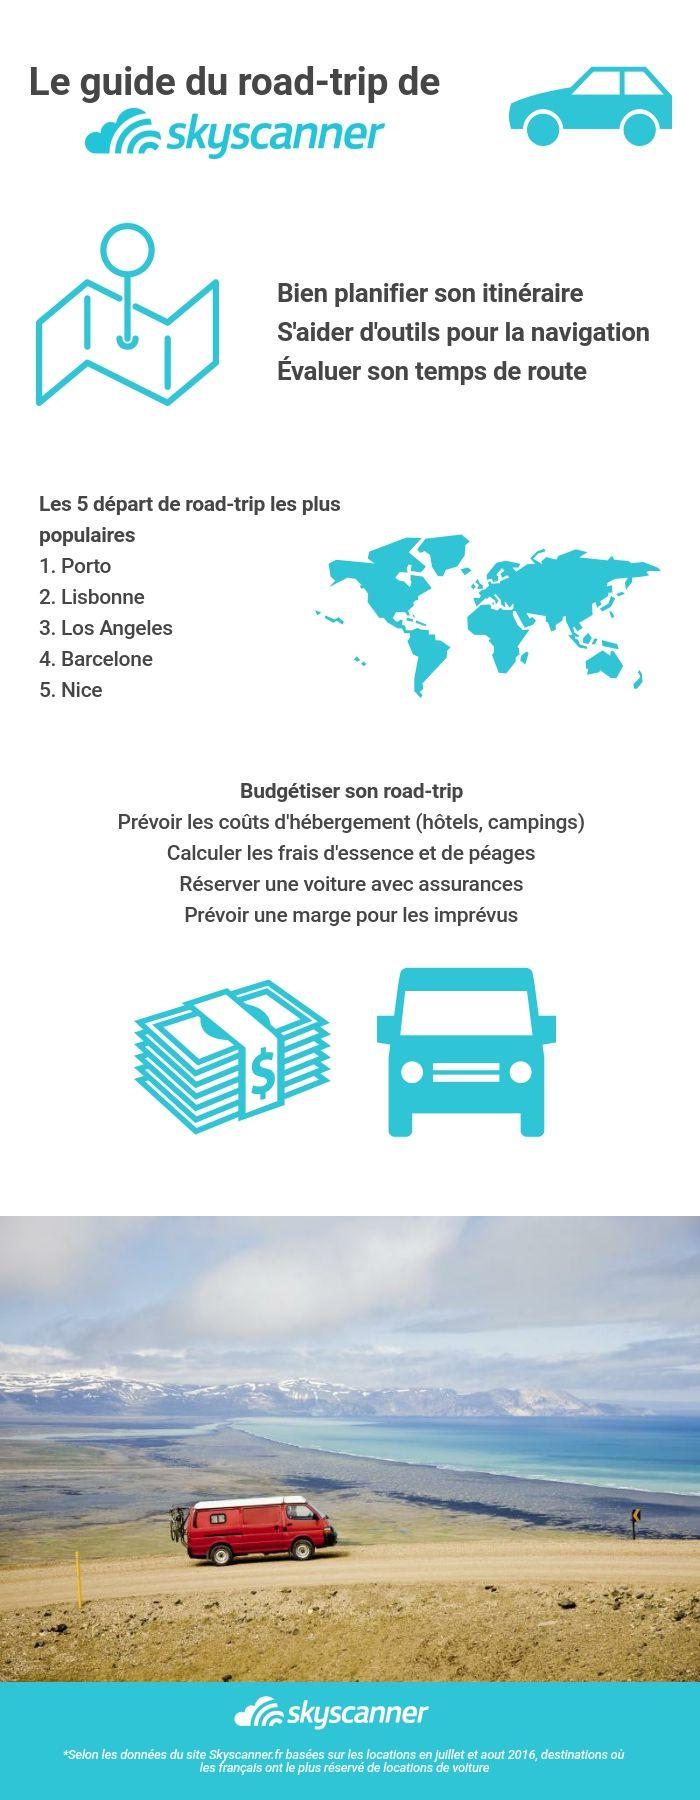 Envie de partir en road trip ? Découvrez comment organiser votre voyage étape par étape, quelque soit votre destination.